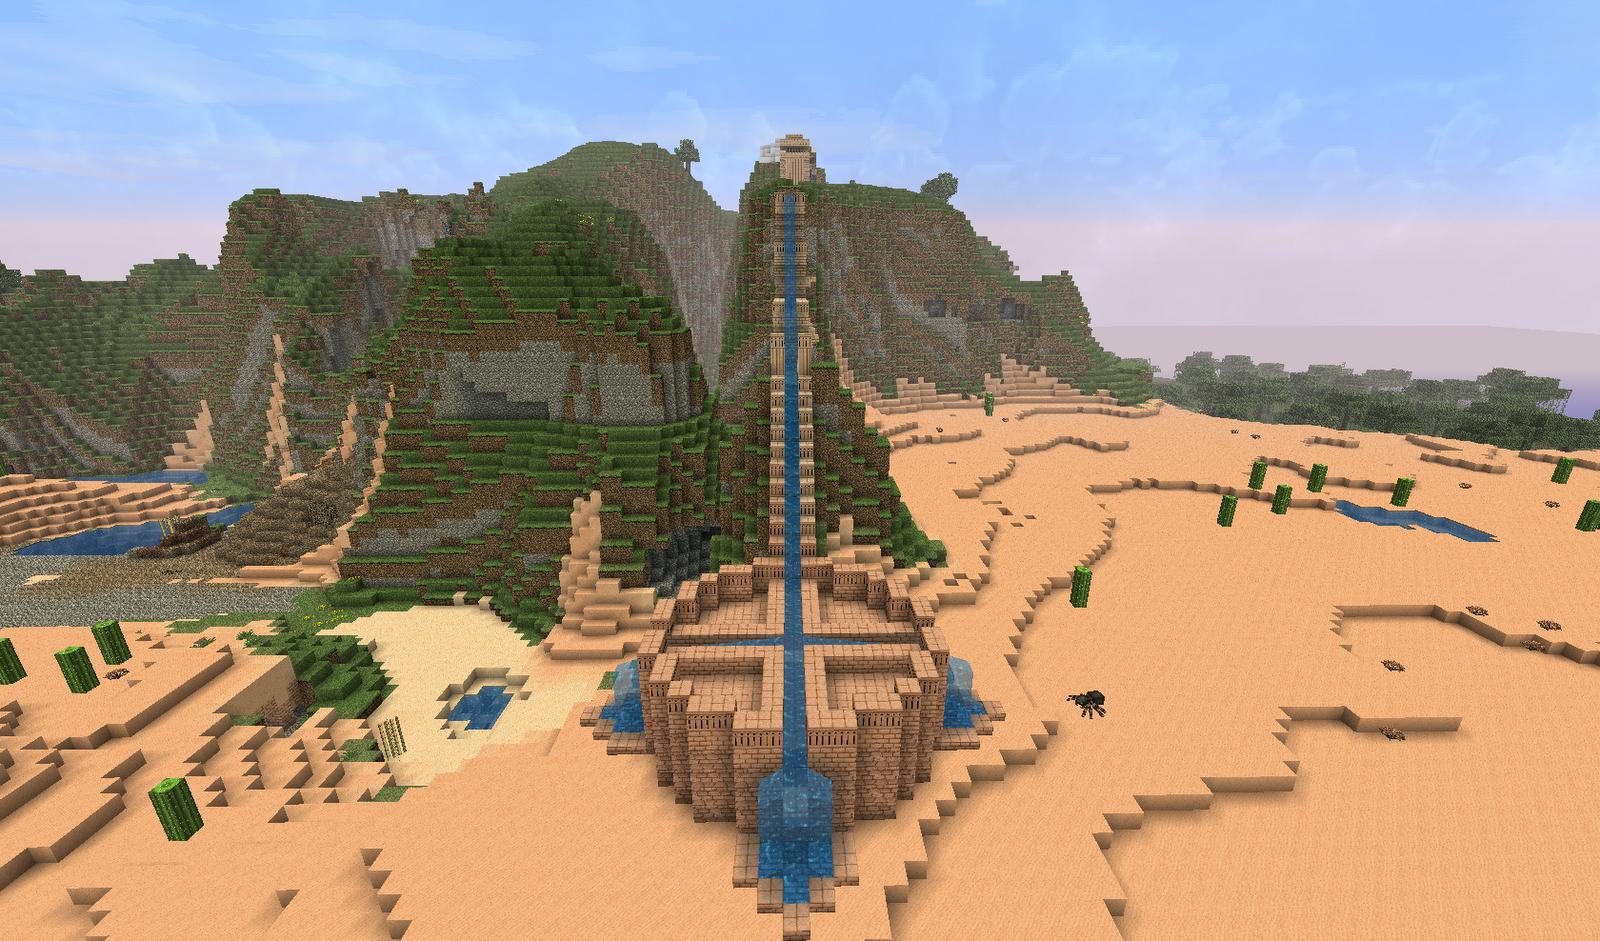 Minecraft Building Ideas: Aqueduct